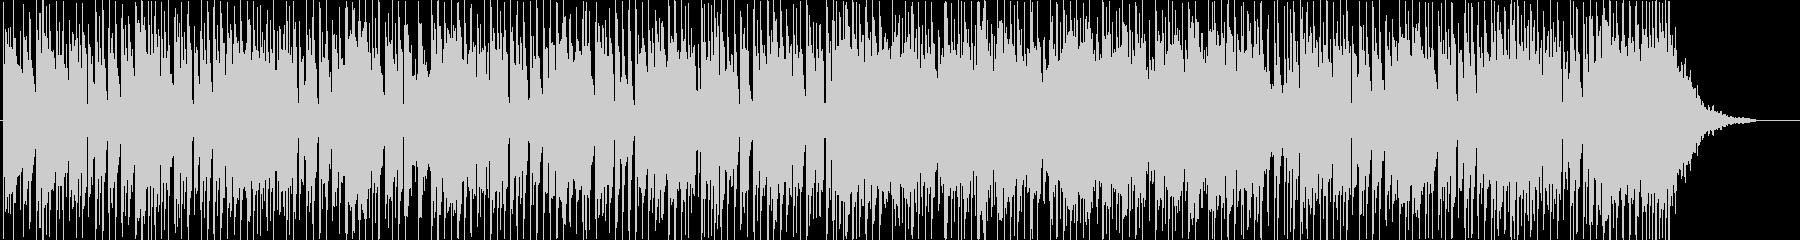 和風ファンクロック、疾走感のある三味線の未再生の波形